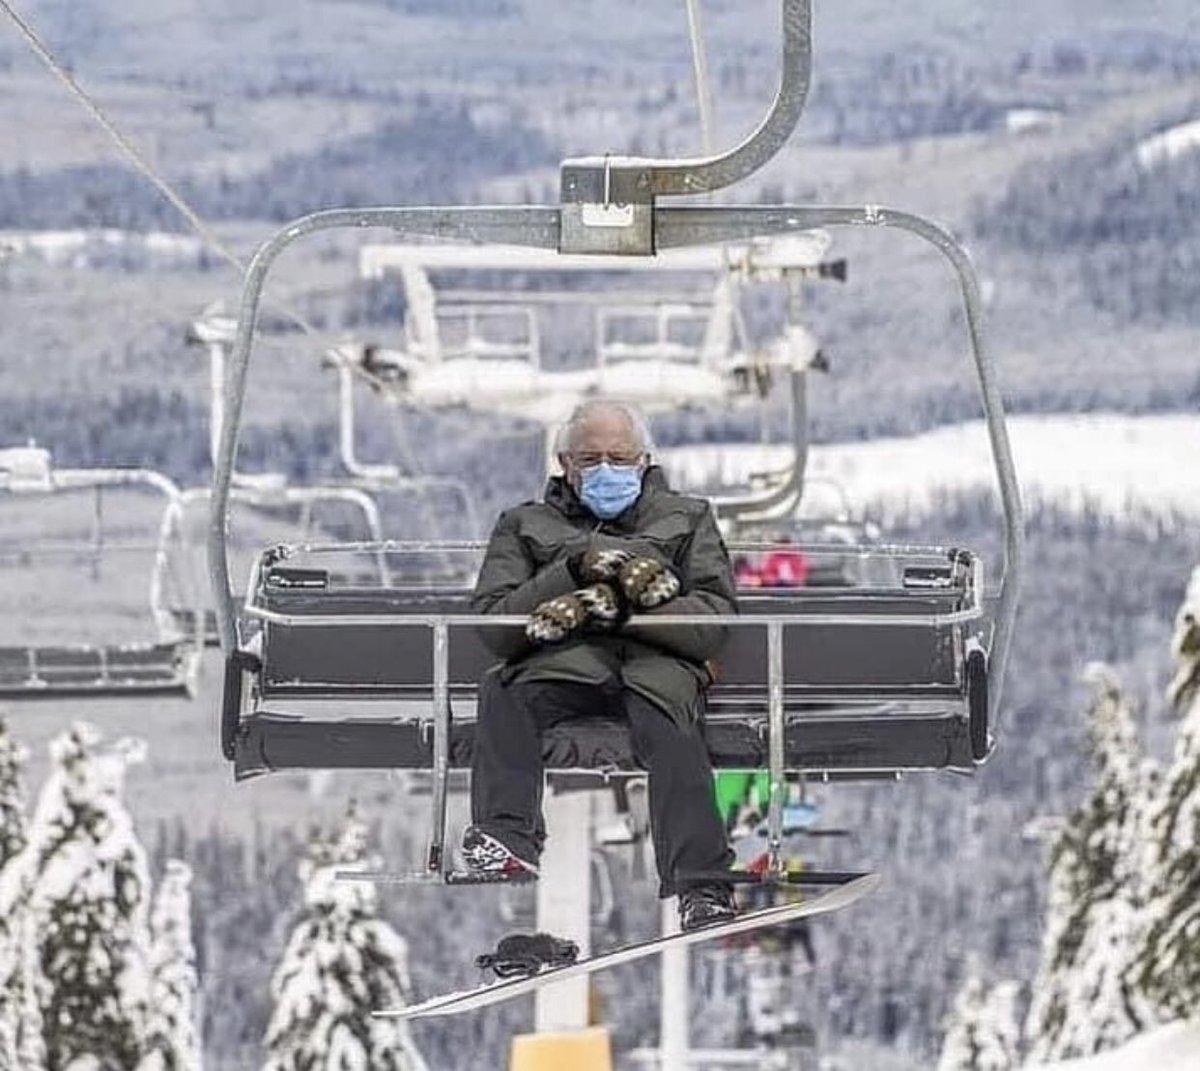 Ski weekend is coming ! #sanders #BernieSandersMittens #usacapitol